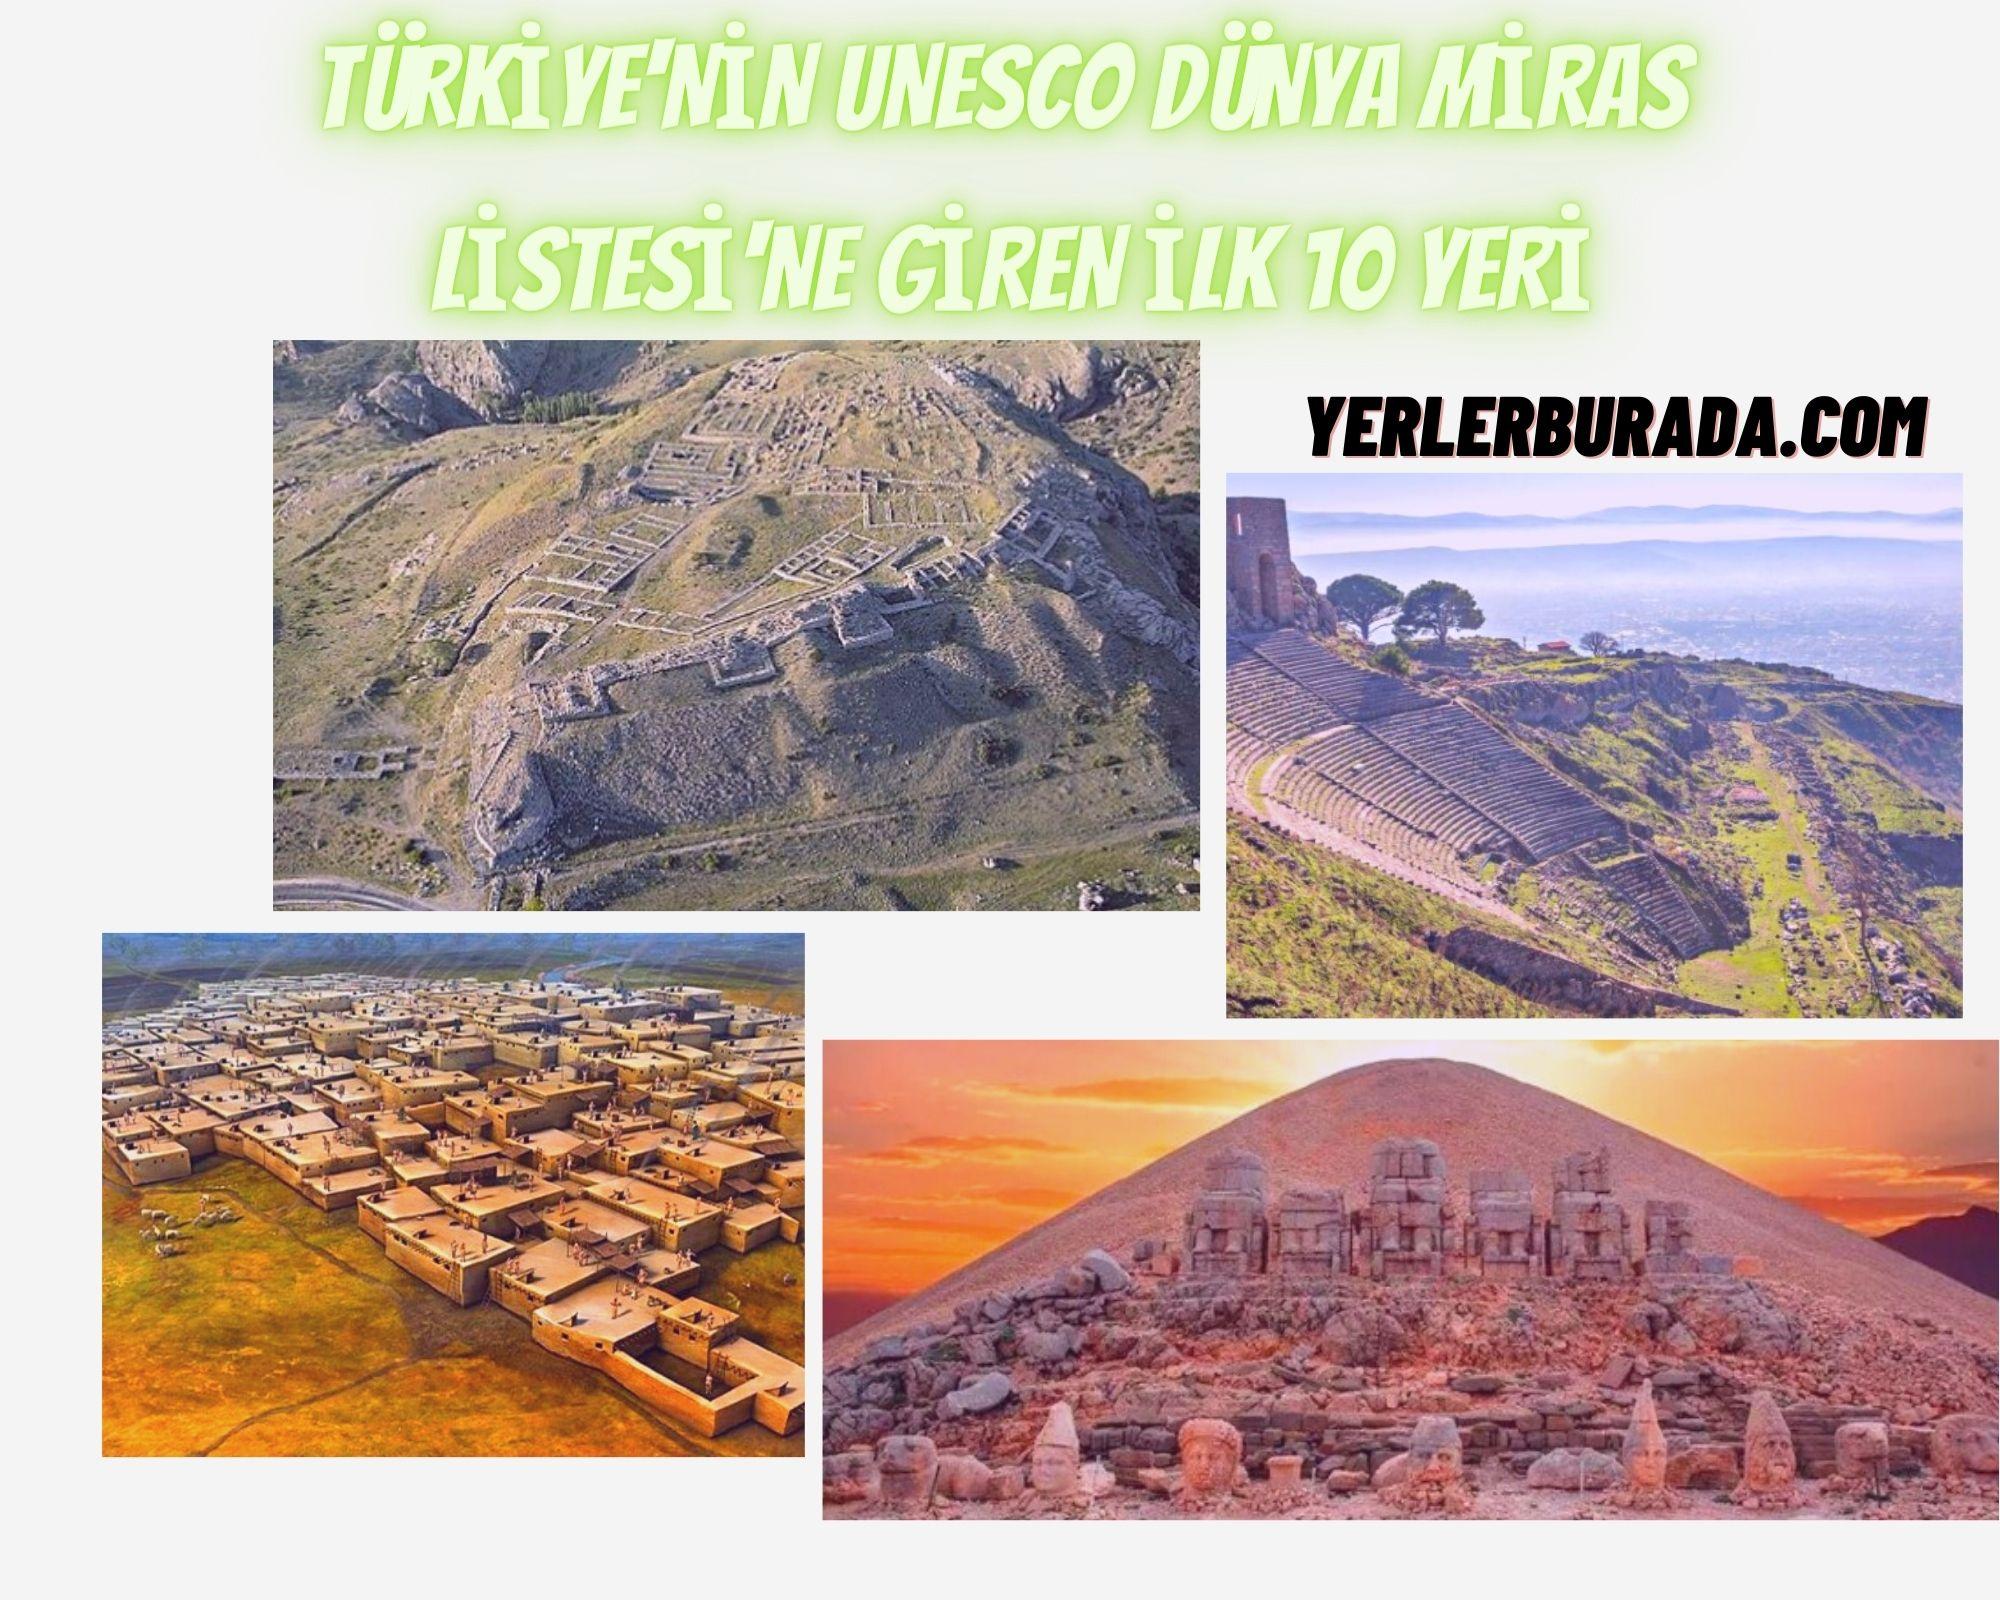 Türkiye'nin unesco dünya miras listesine giren ilk 10 yeri